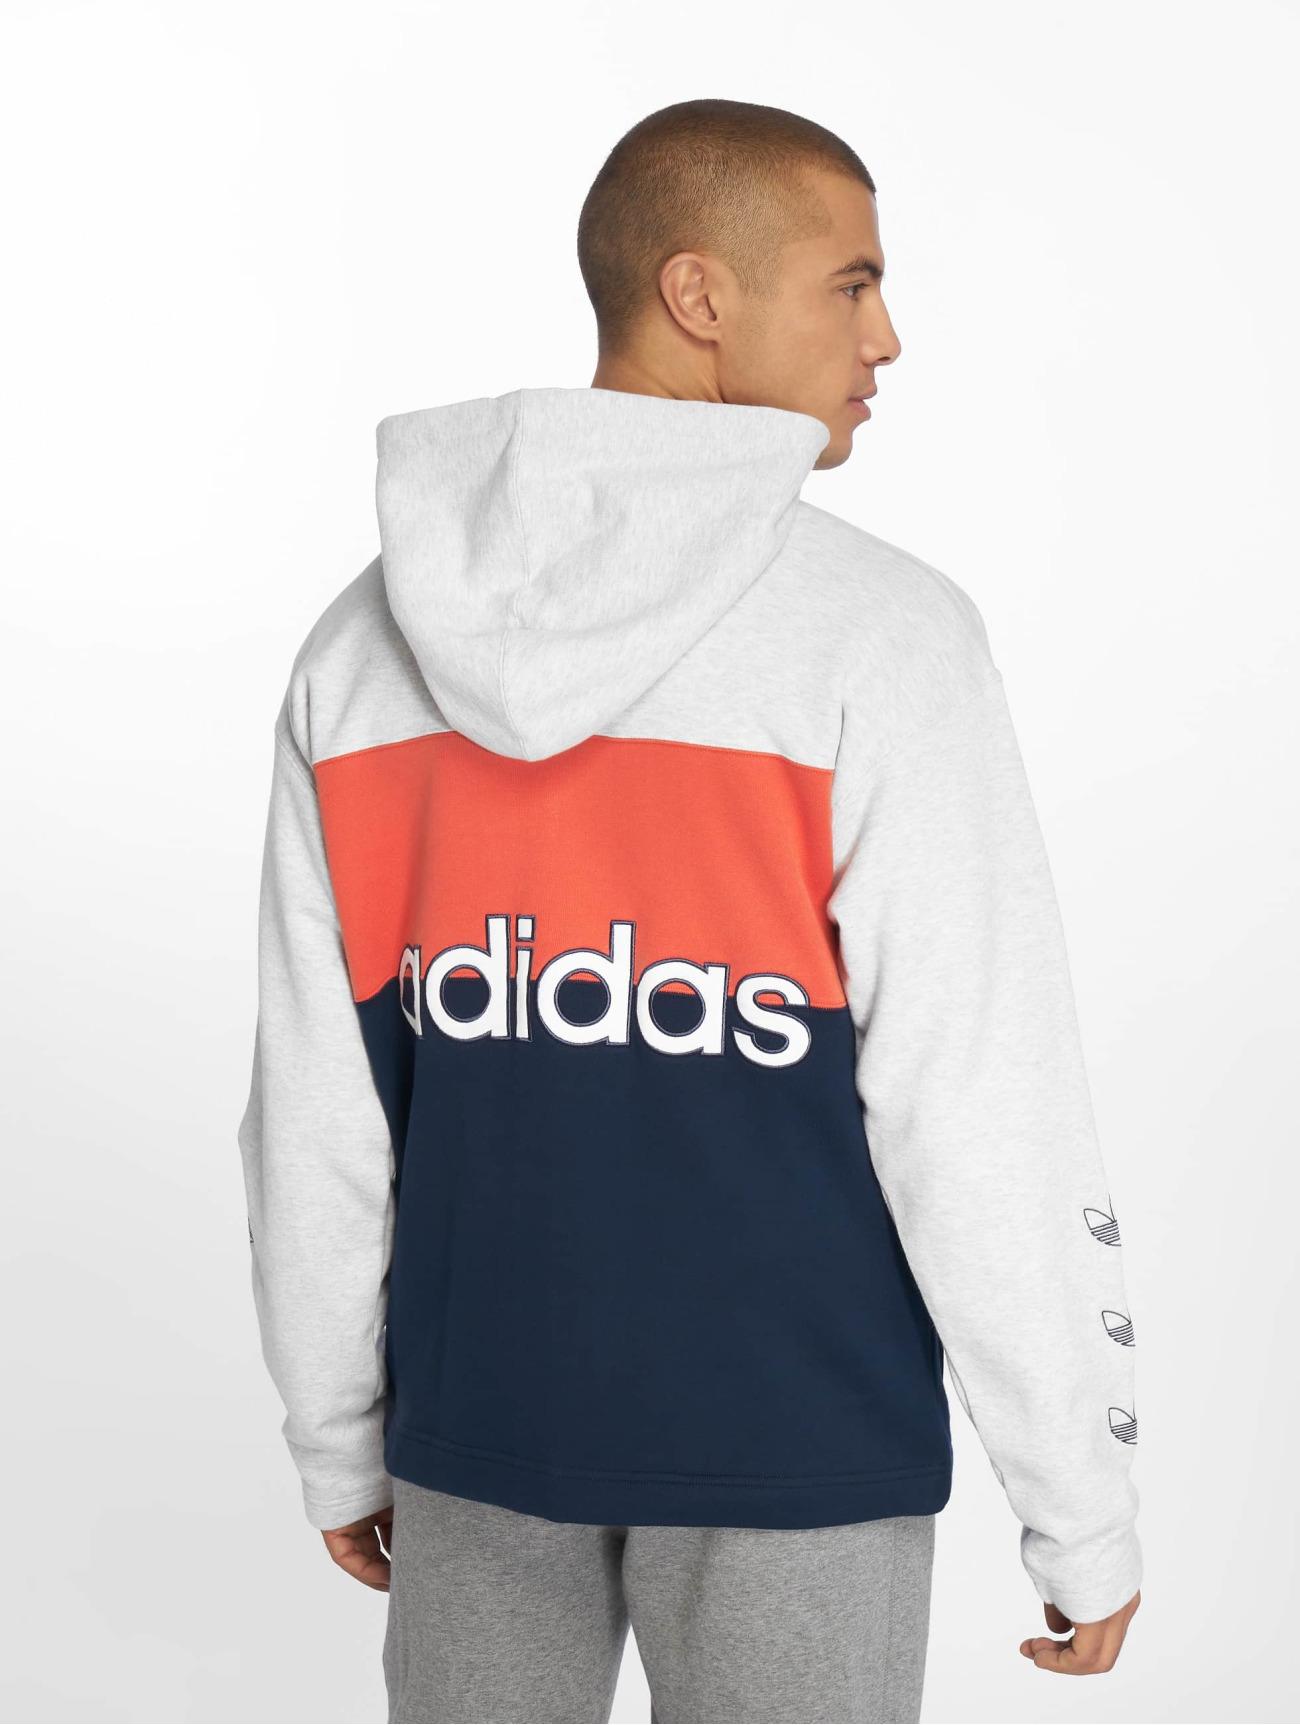 adidas Originals |  Originals  gris Homme Sweat capuche zippé  543597| Homme Hauts